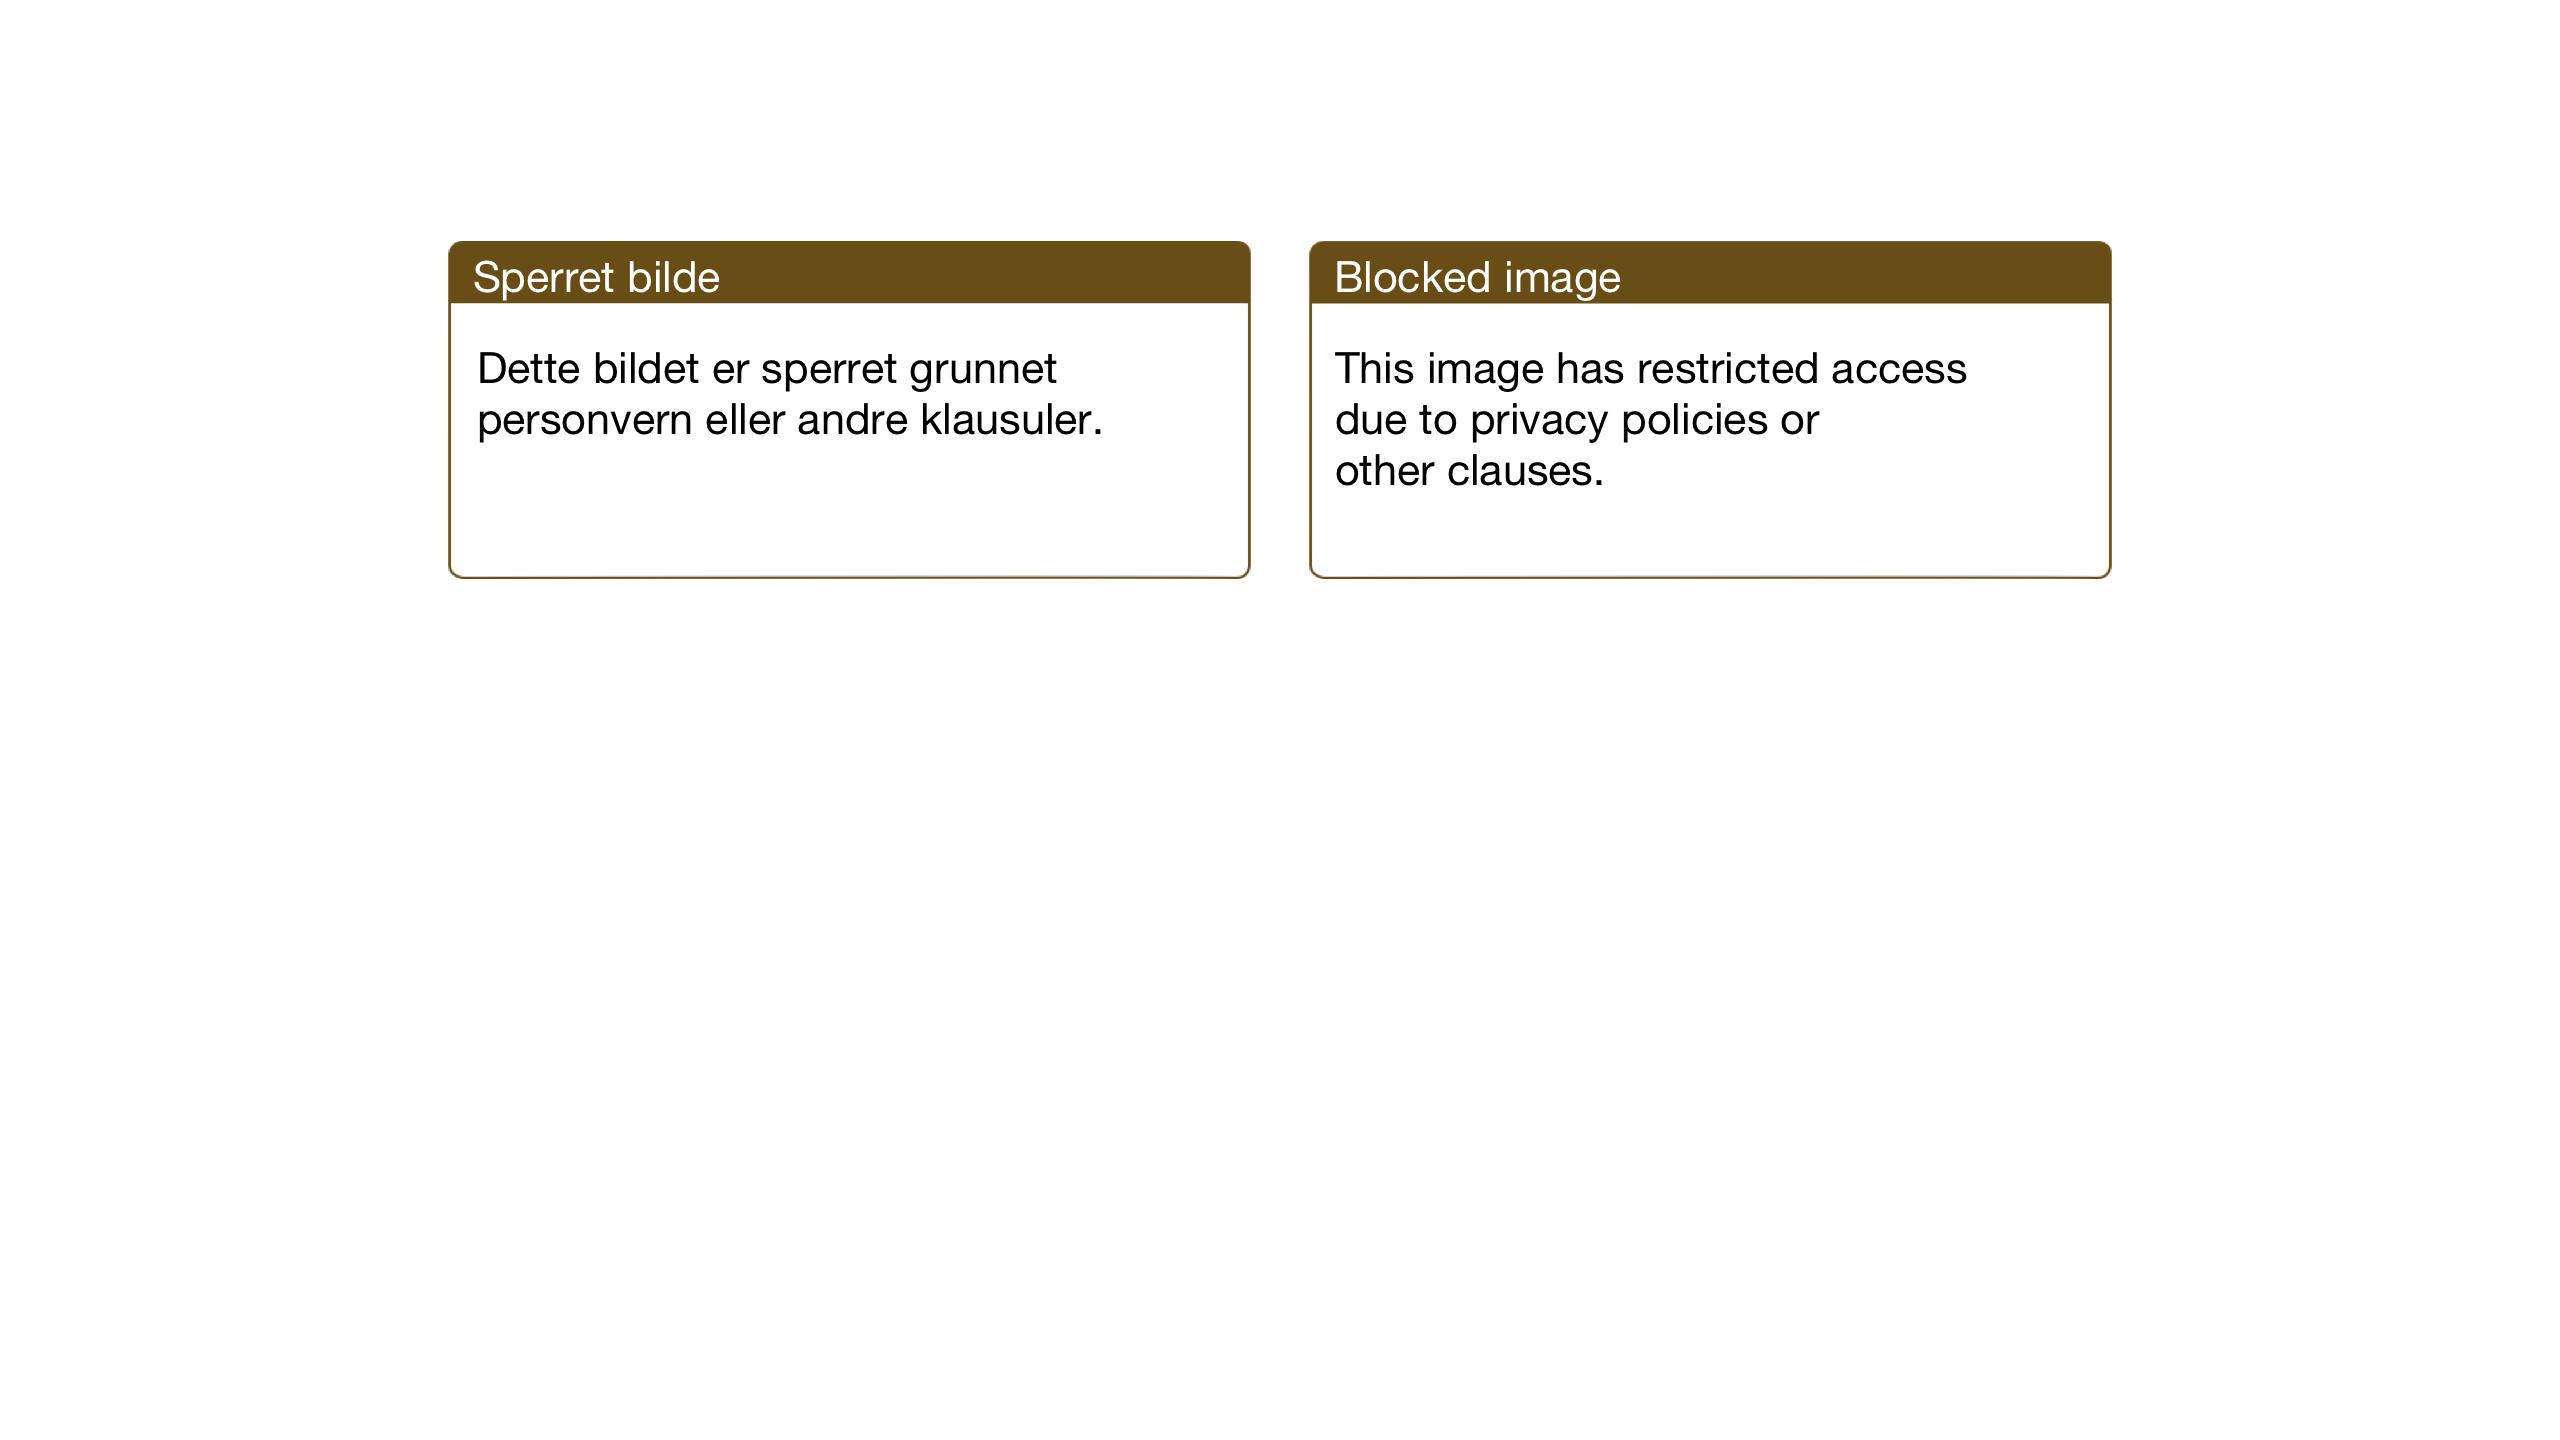 SAT, Ministerialprotokoller, klokkerbøker og fødselsregistre - Nord-Trøndelag, 732/L0319: Klokkerbok nr. 732C03, 1911-1945, s. 80